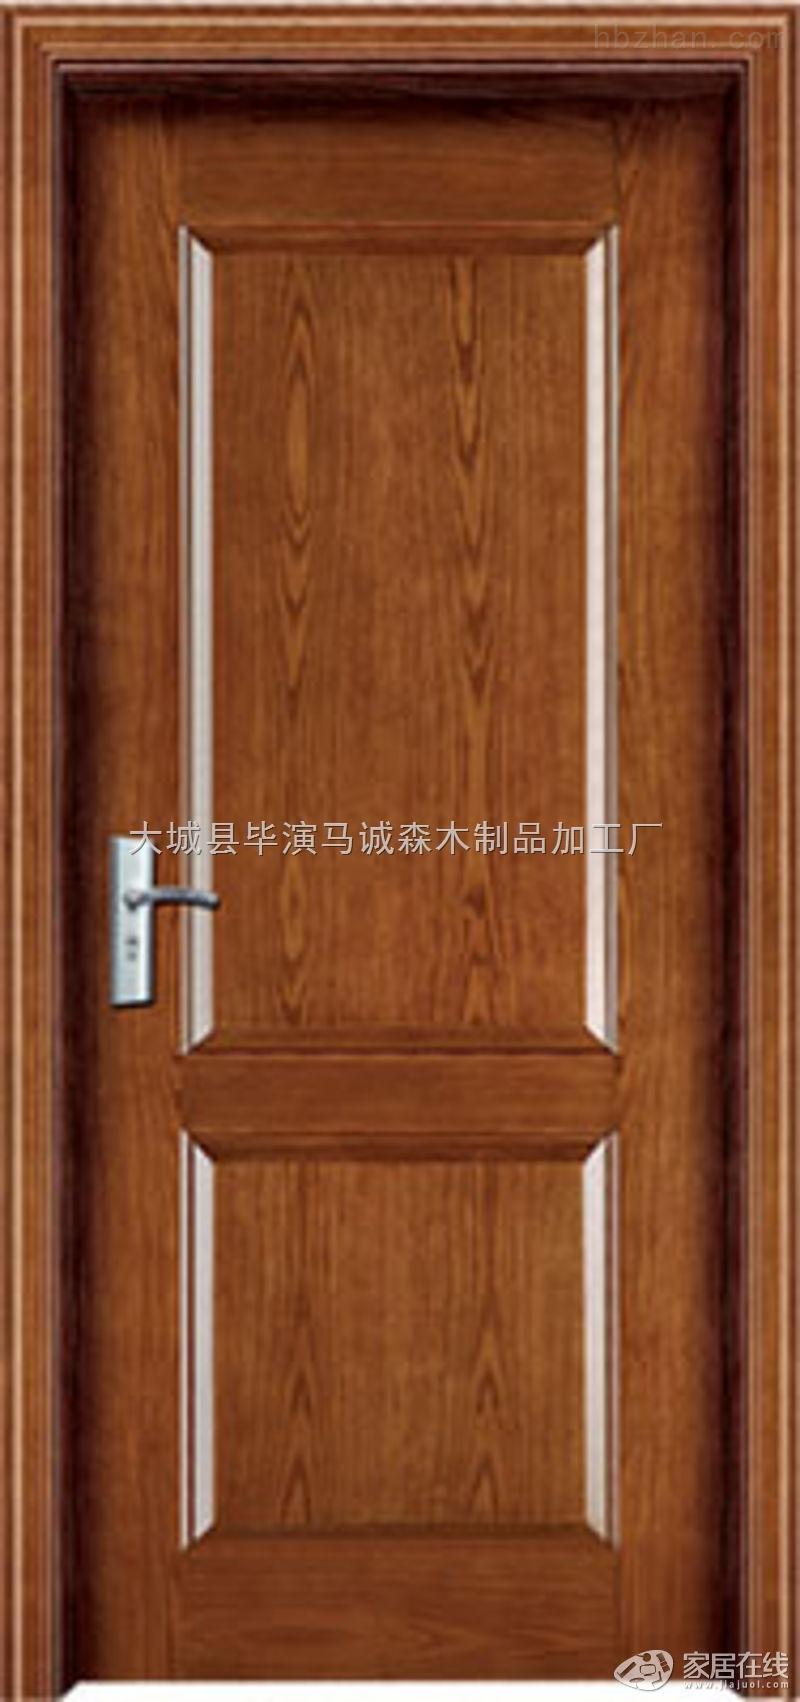 厂家直销实木复合门 室内门价格 幼儿园专用门批发